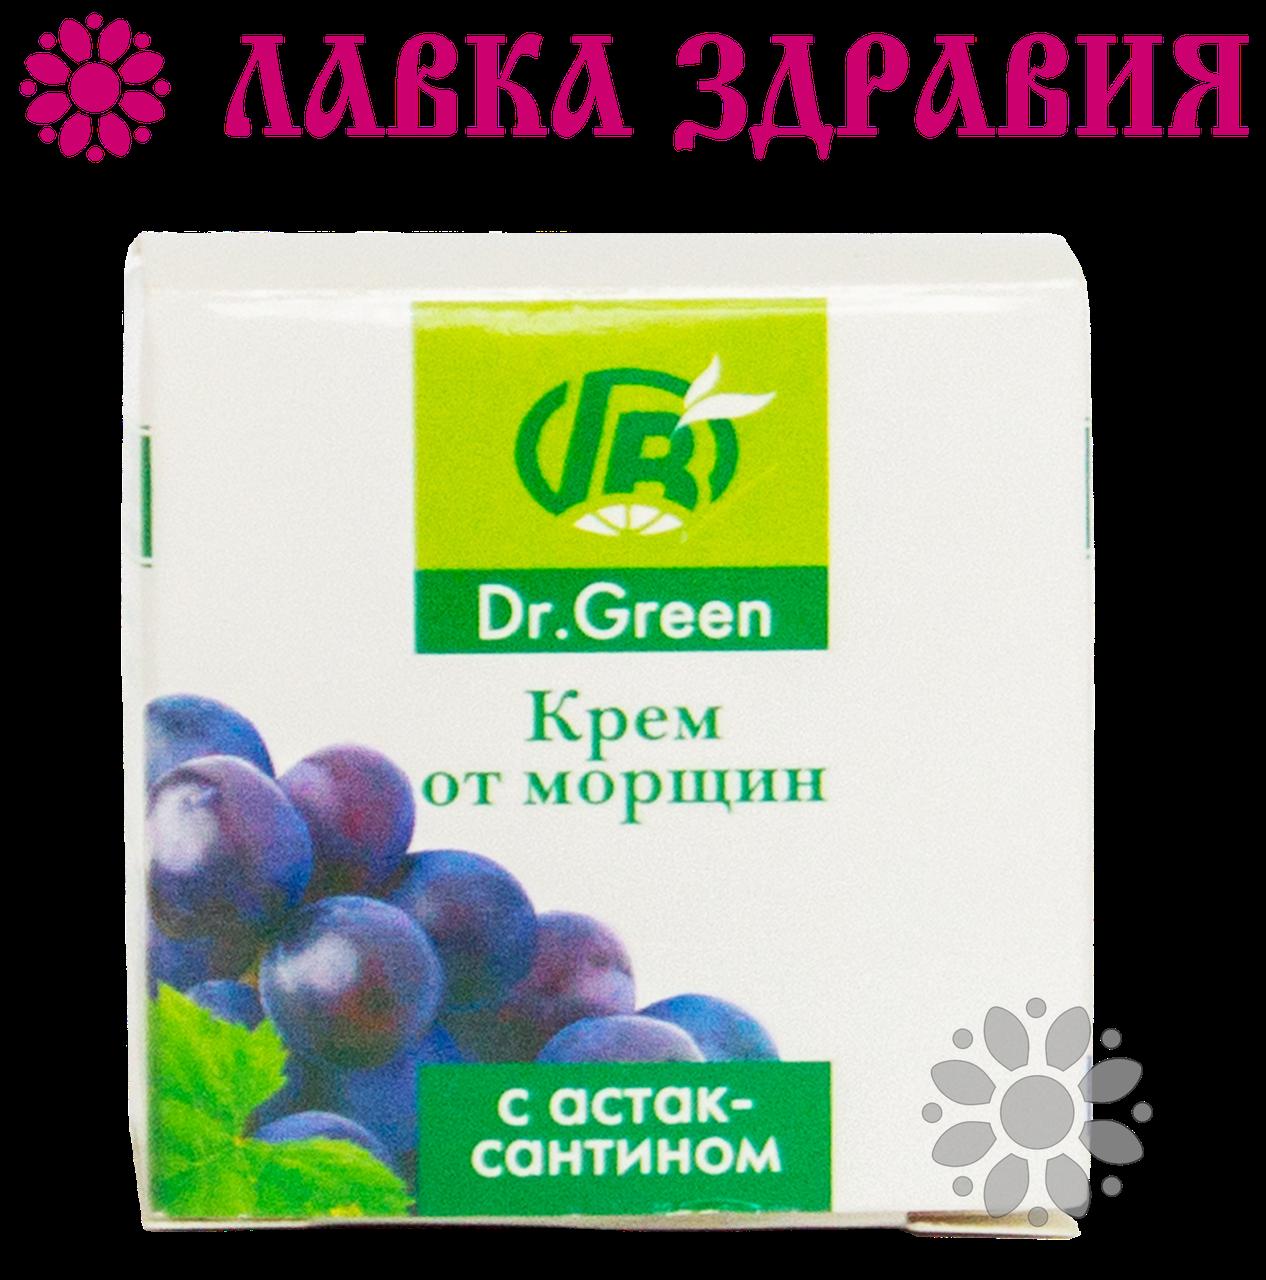 Крем от морщин Грин-Виза Dr. Green 30 мл